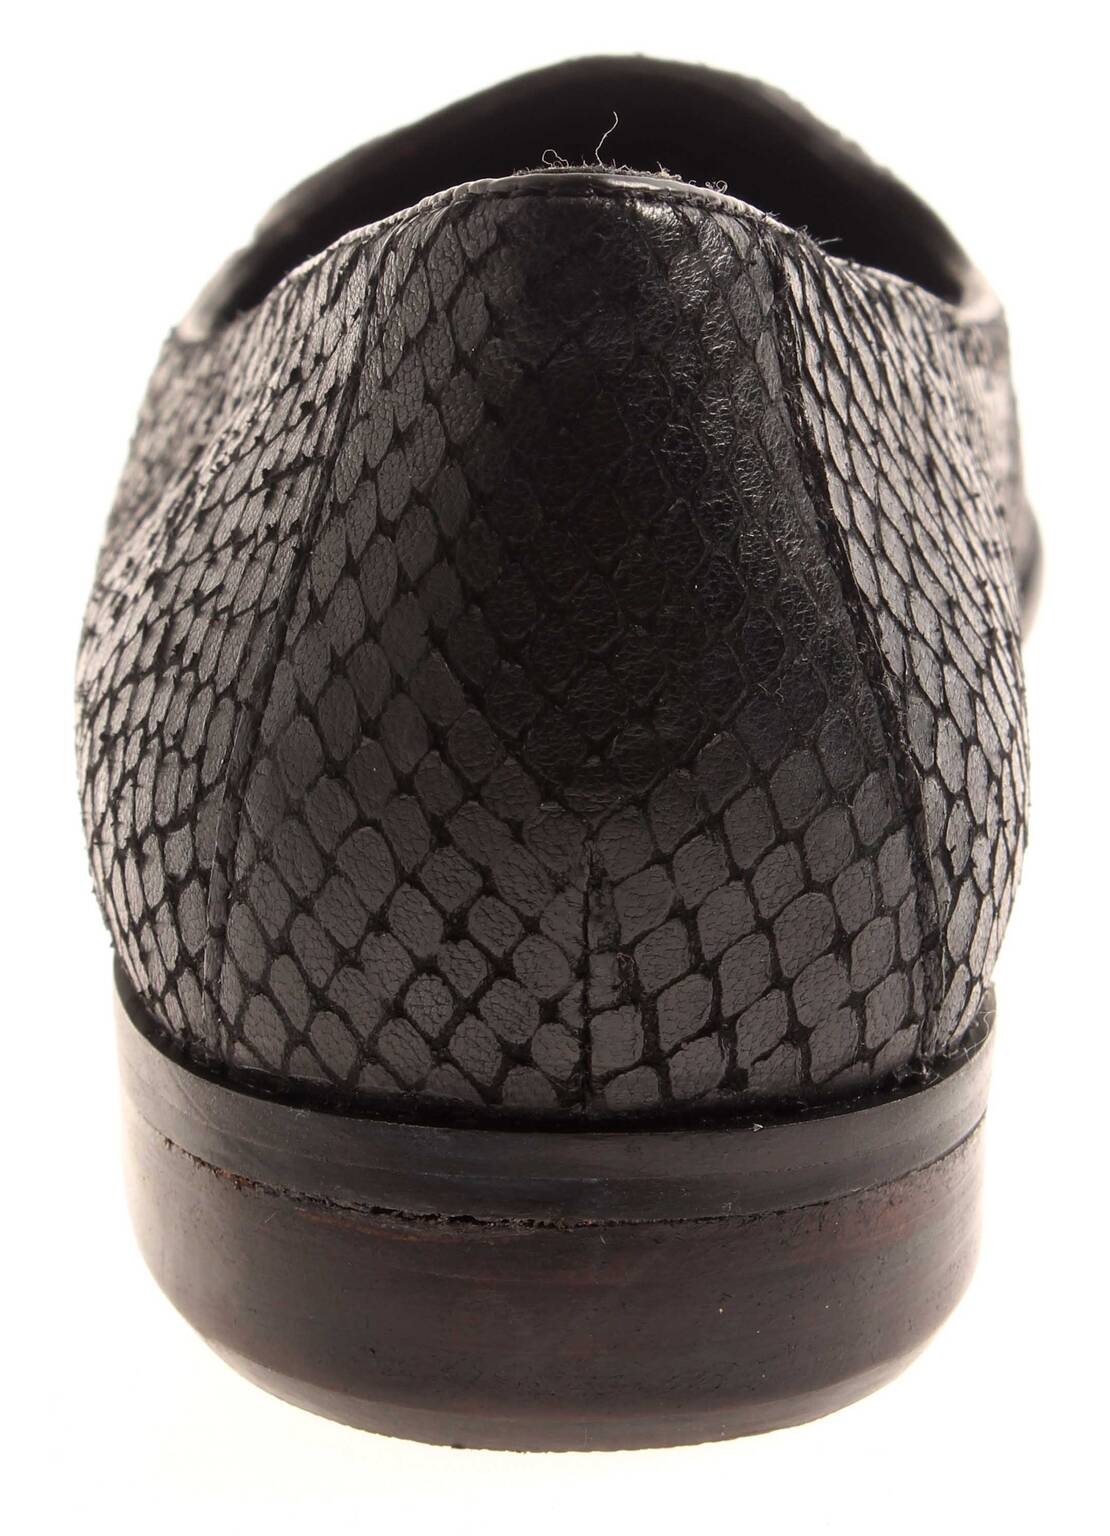 Gerry Weber Ballerinas Lederschuhe Schuhe 1511  geschlossen Leder Schuhe Lederschuhe Damen 4cd647